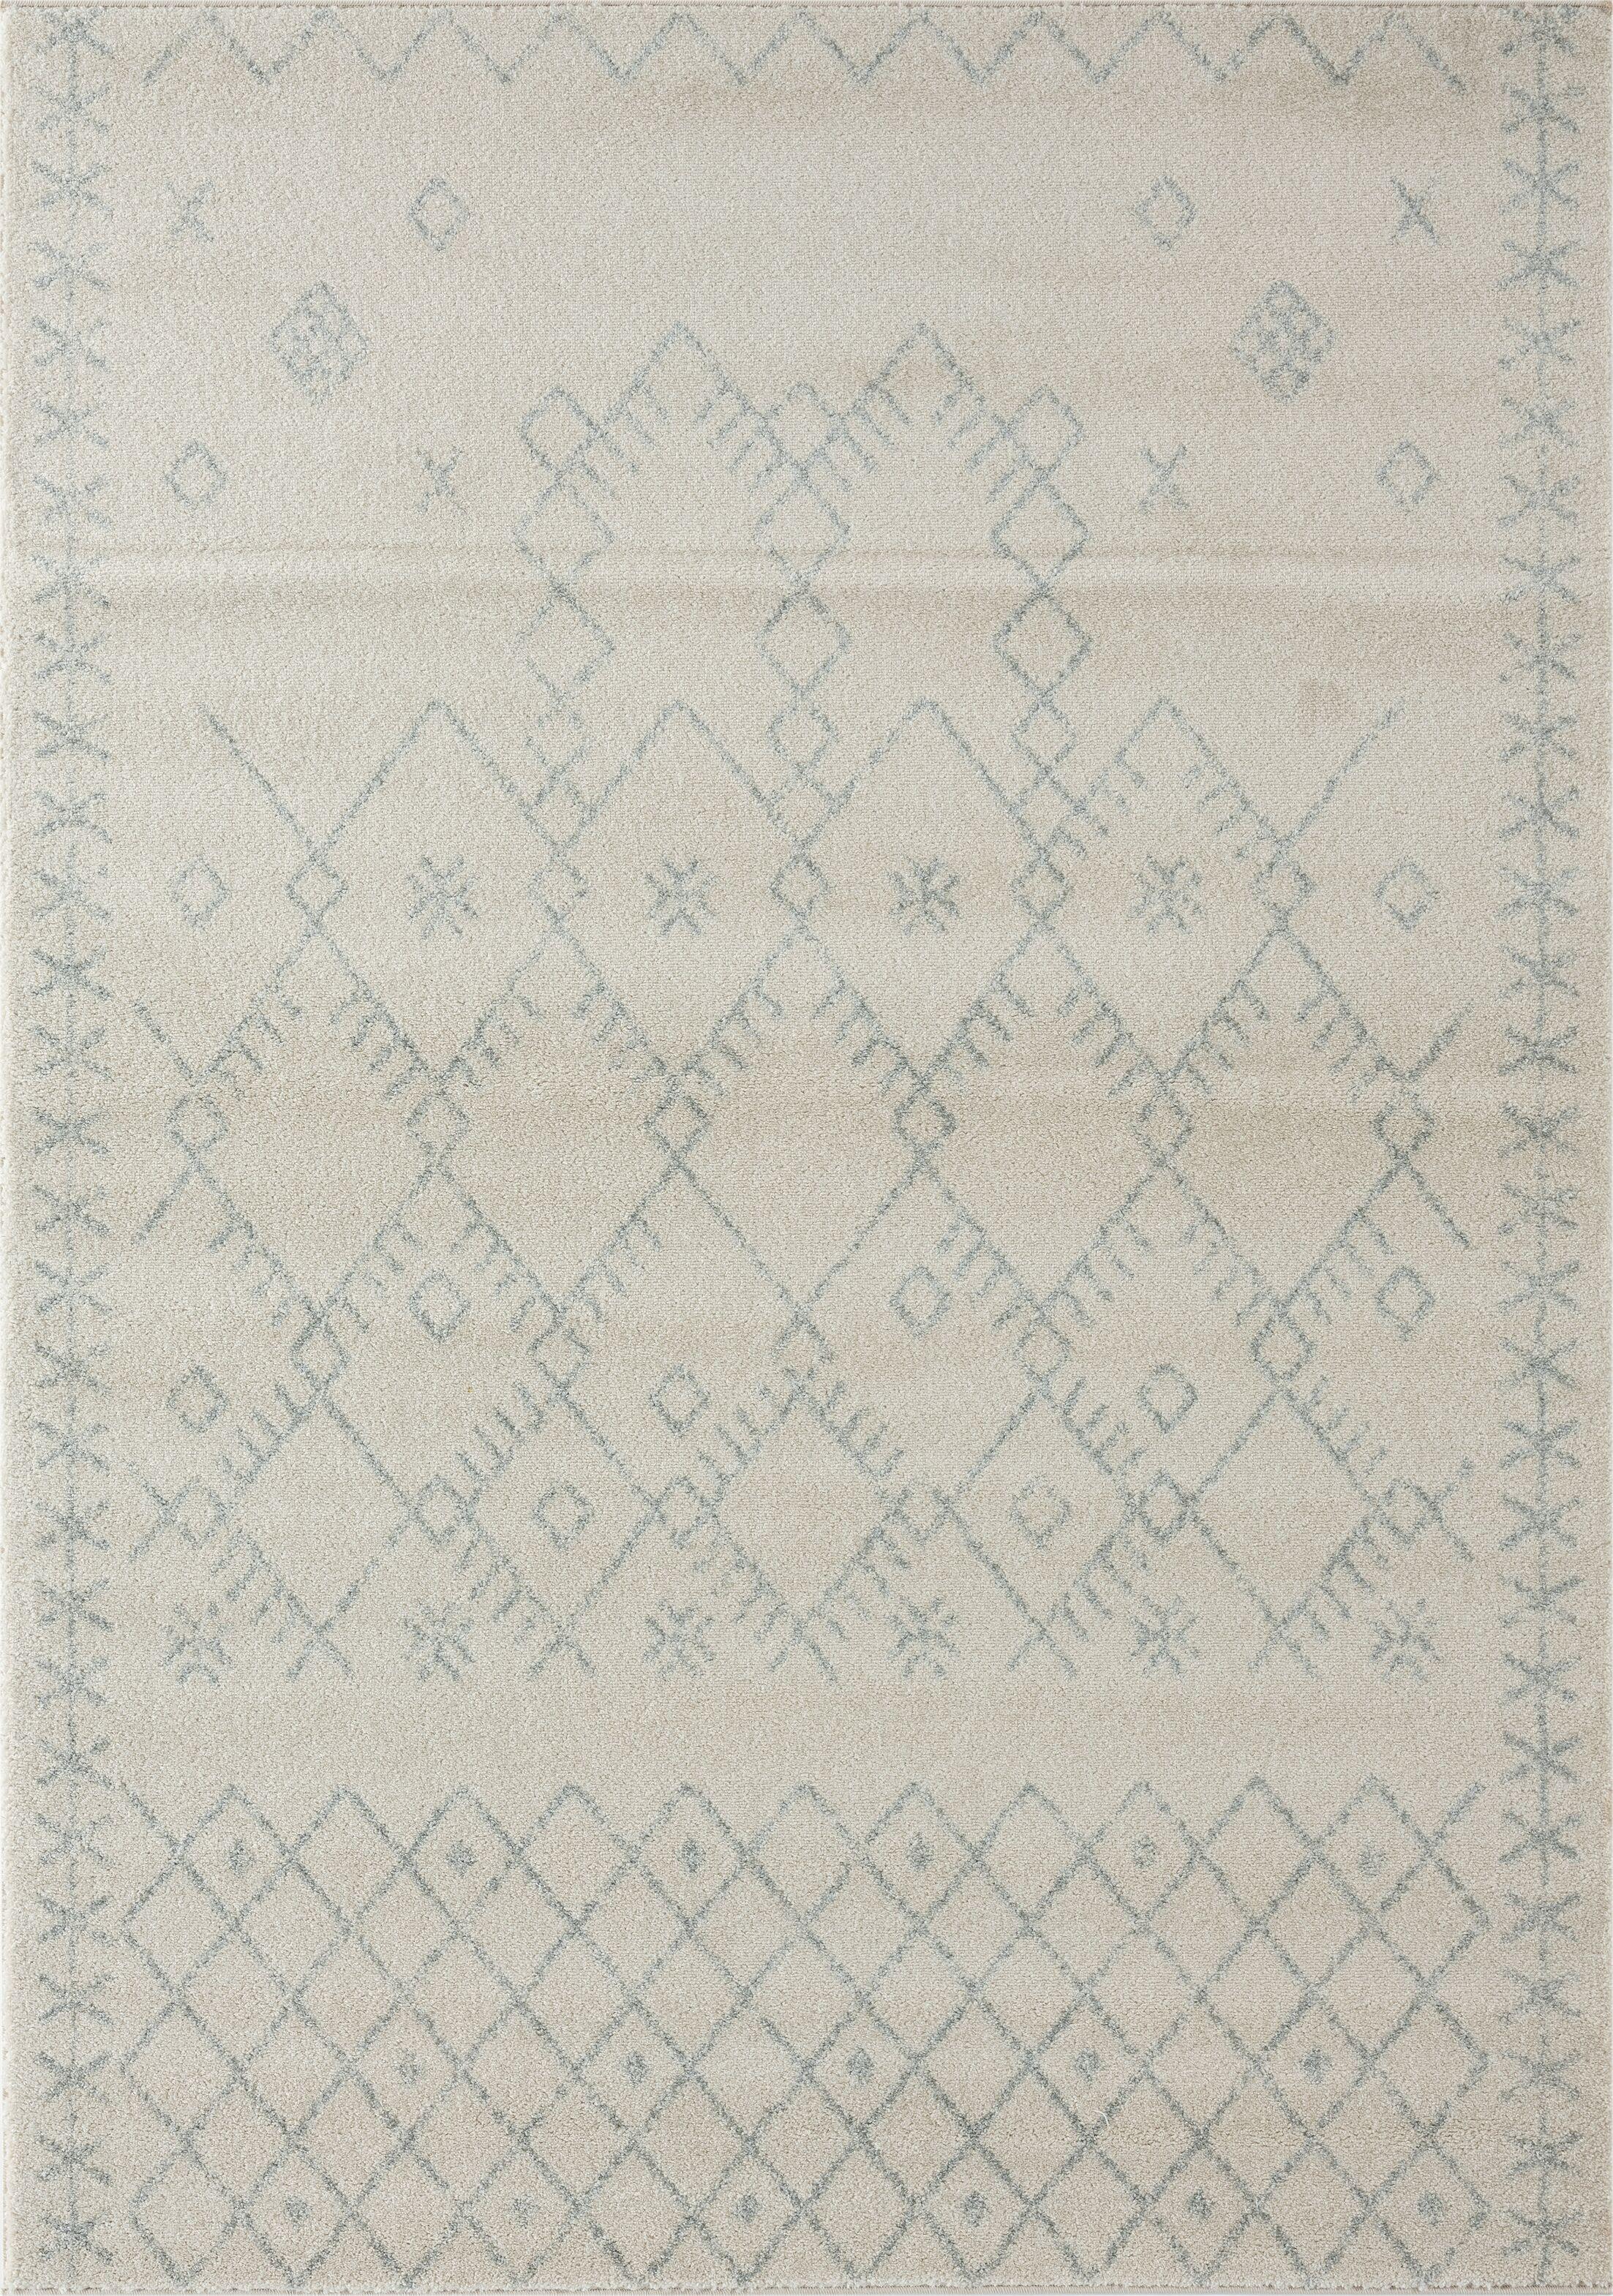 Cascio Cream Linen Area Rug Rug Size: Rectangle 5' x 7'